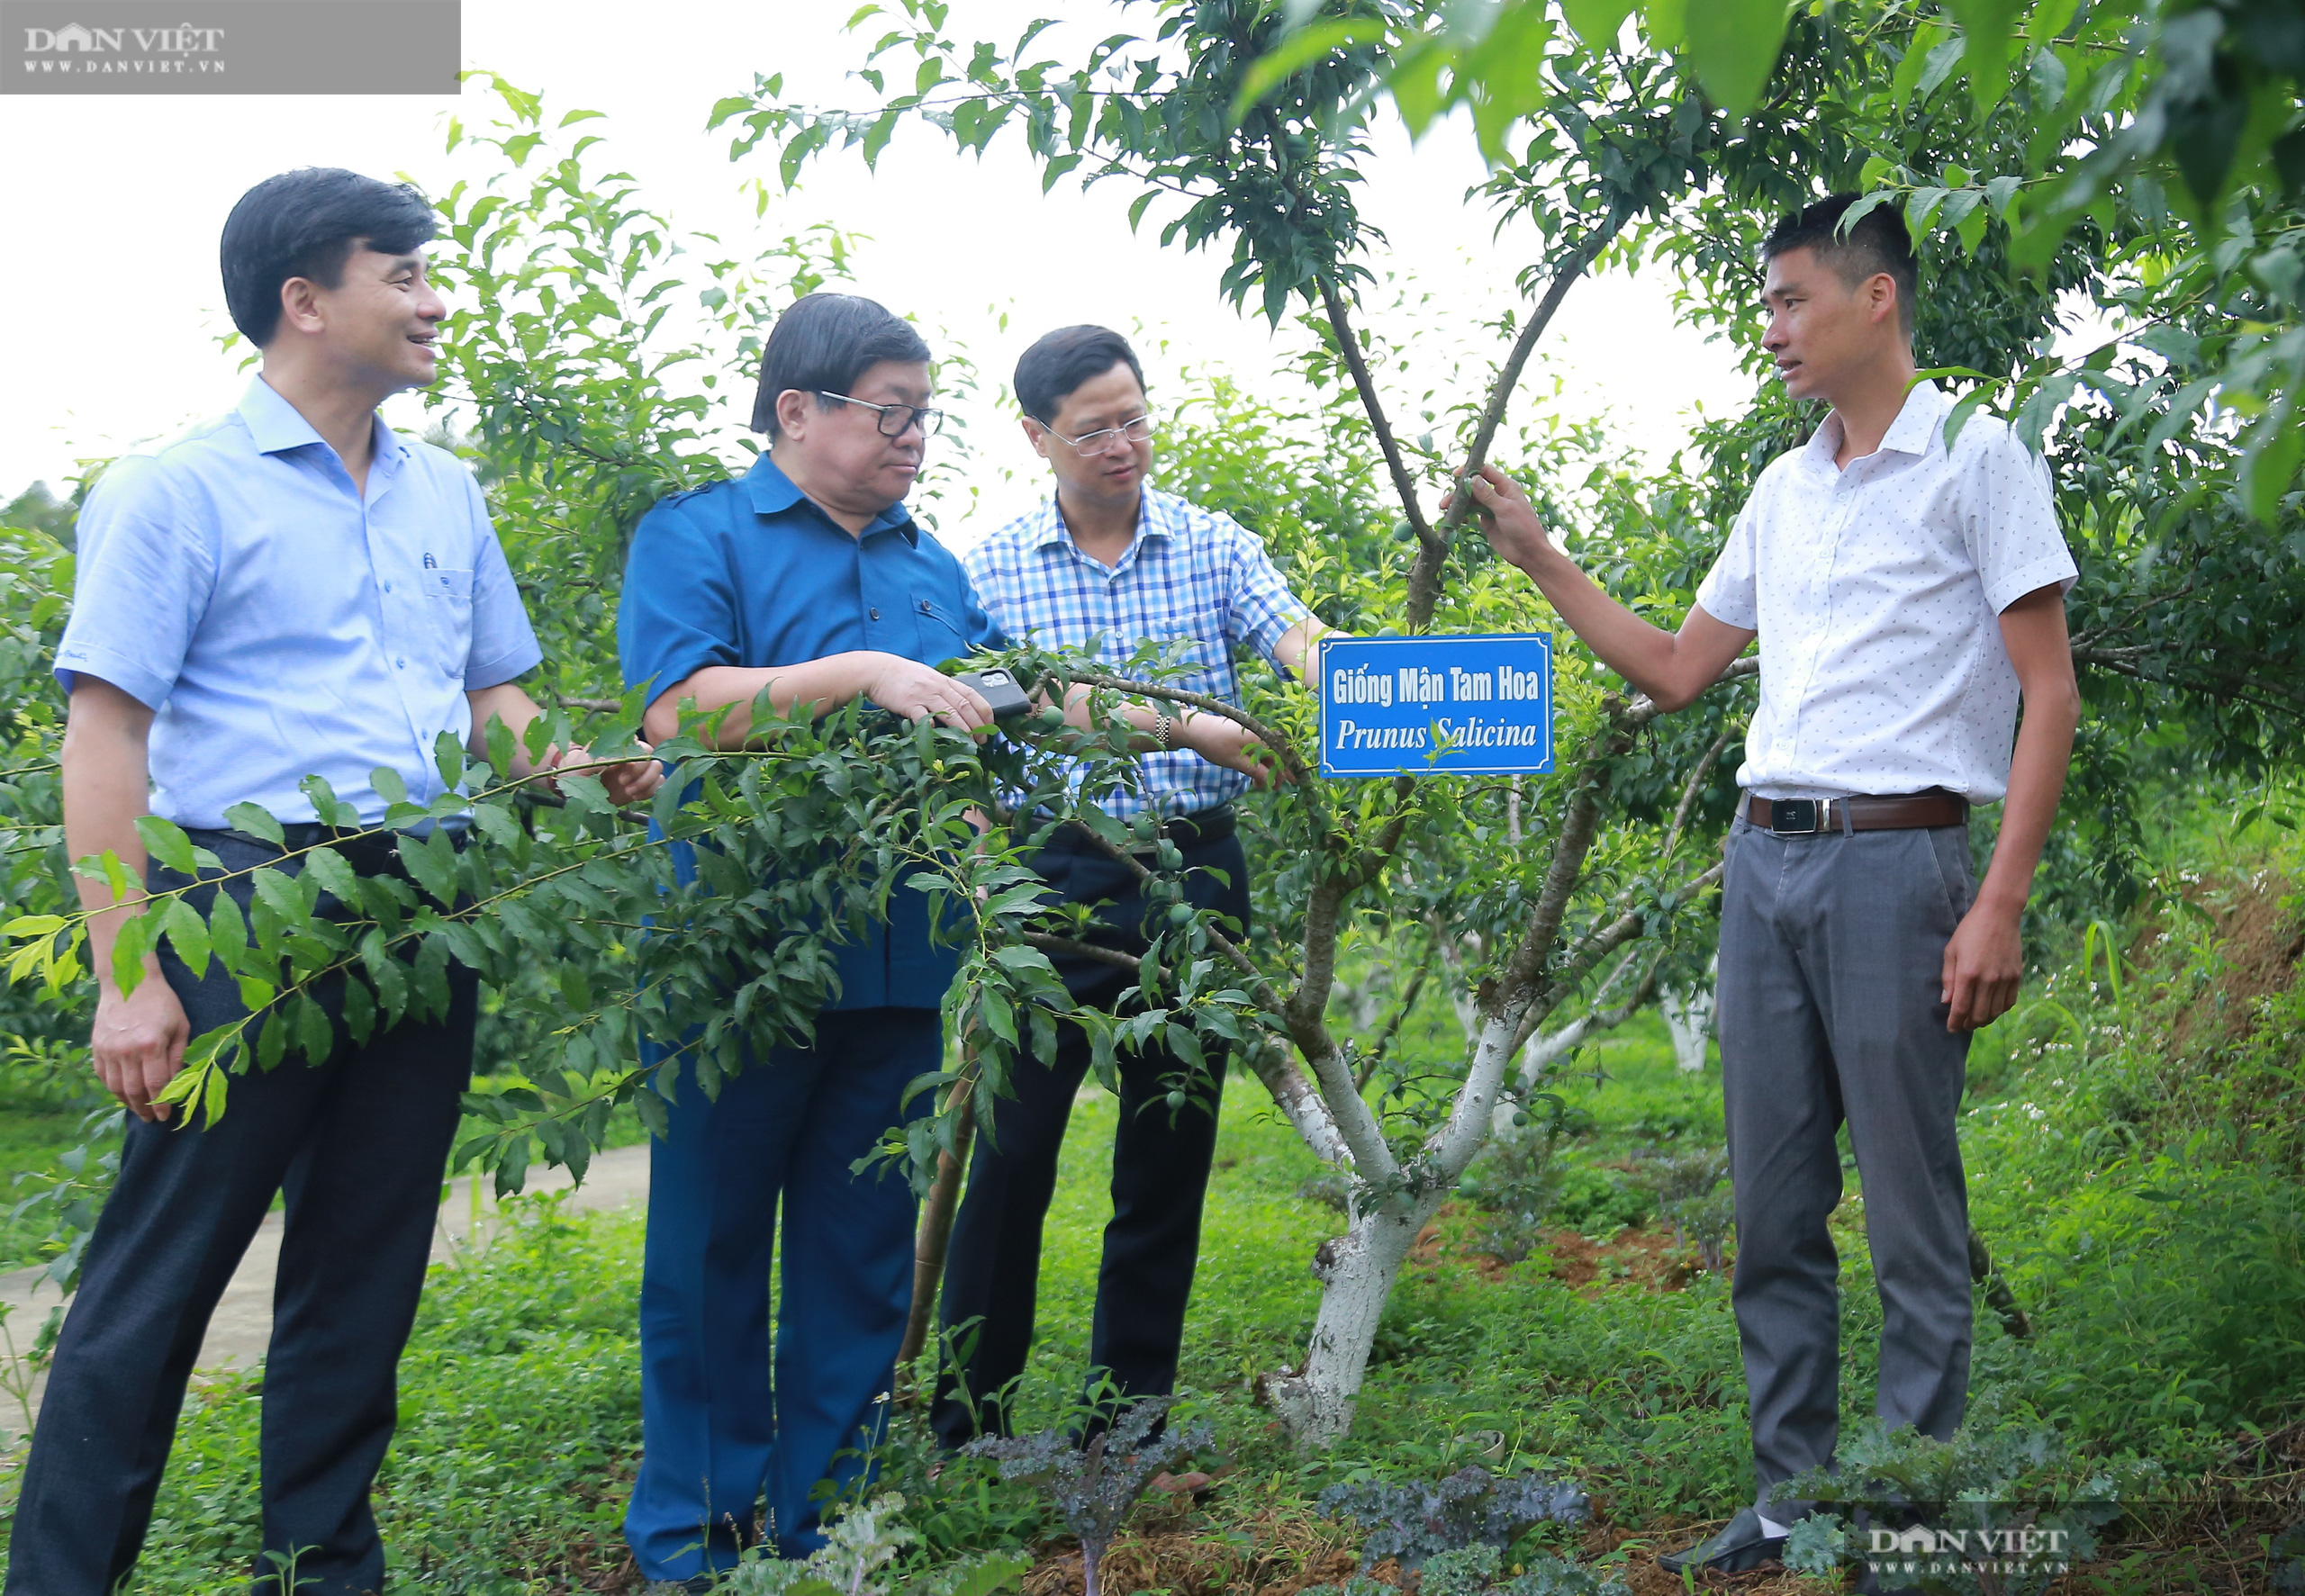 Chủ tịch Hội Nông dân Việt Nam thăm trại nghiên cứu cây ăn quả đặc sản ở biên giới - Ảnh 6.